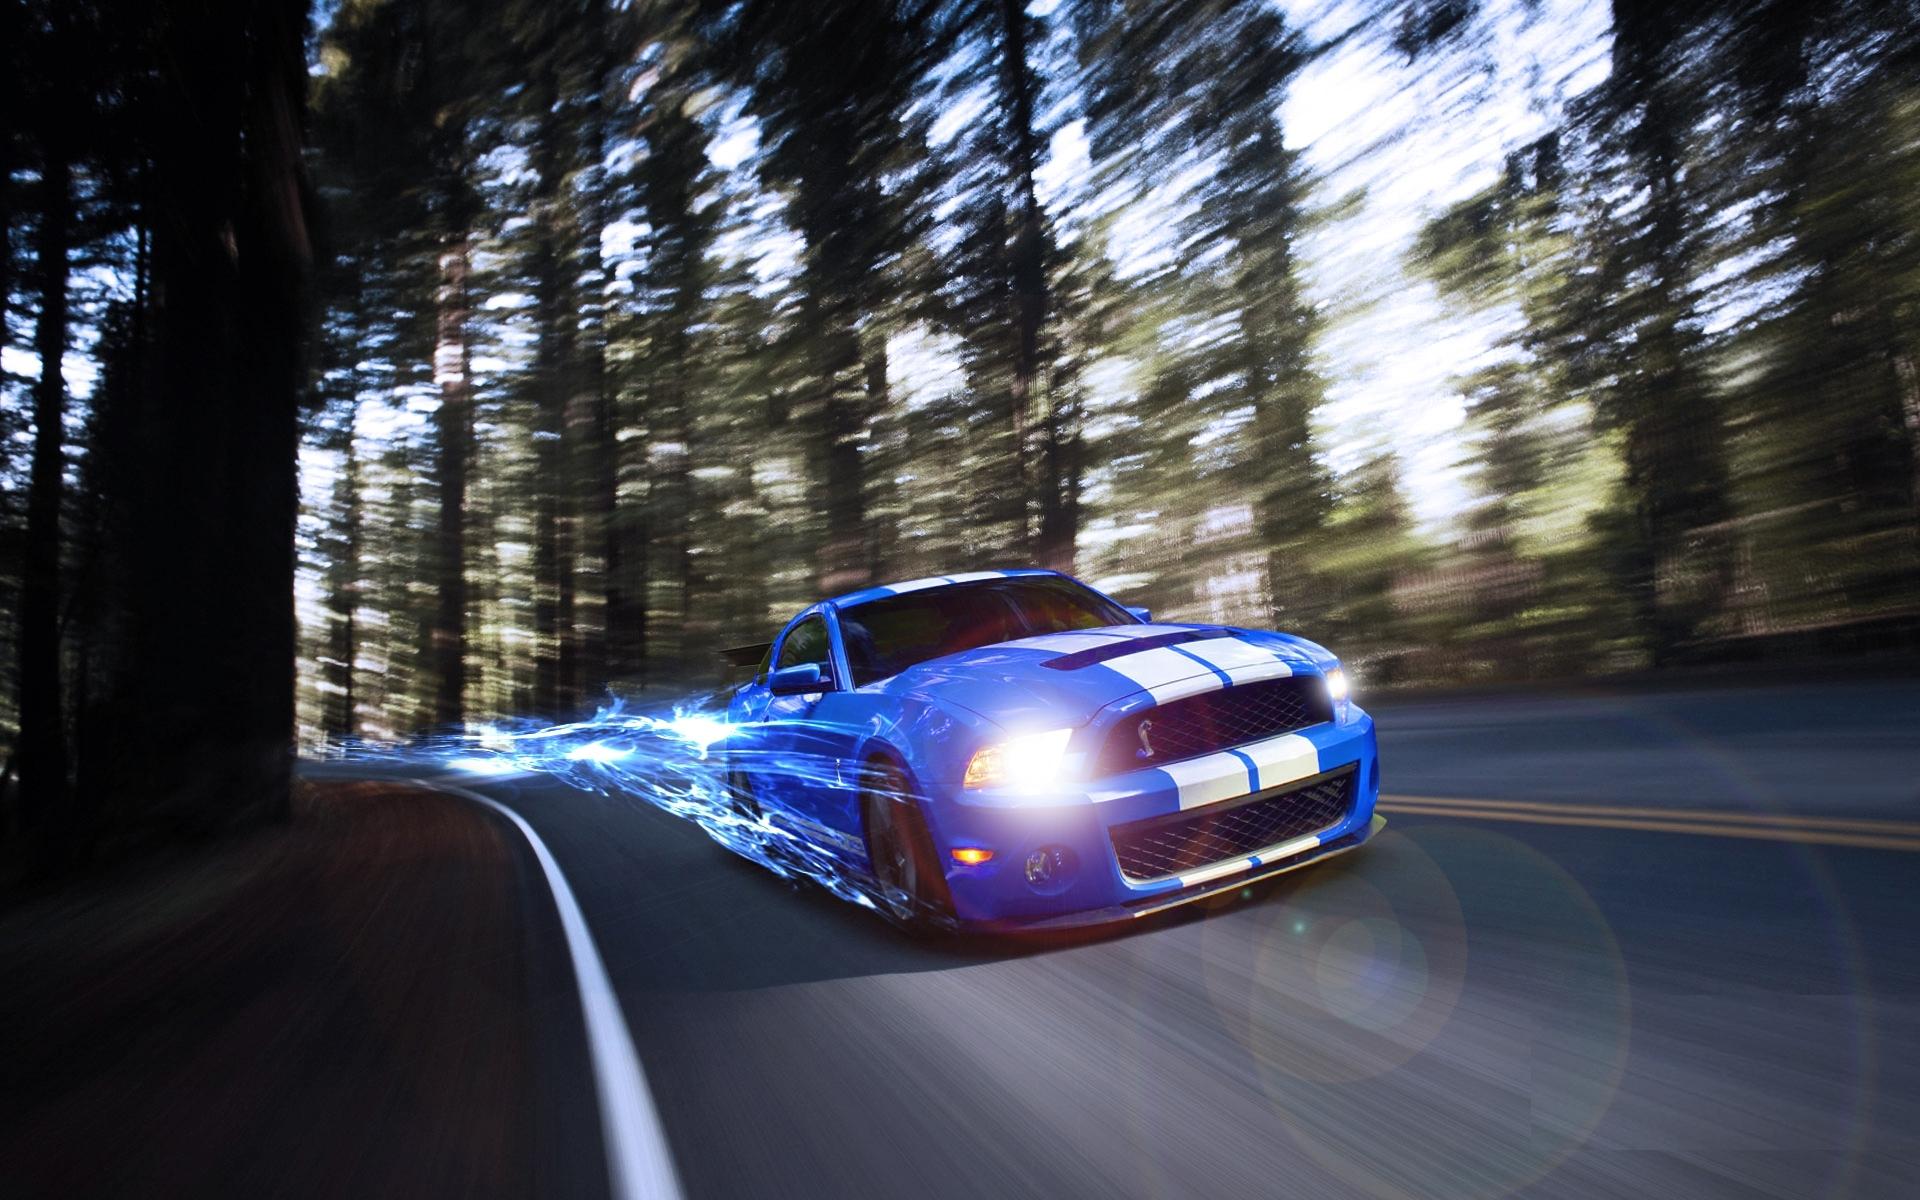 27175 скачать обои Транспорт, Машины, Дороги, Мустанг (Mustang) - заставки и картинки бесплатно